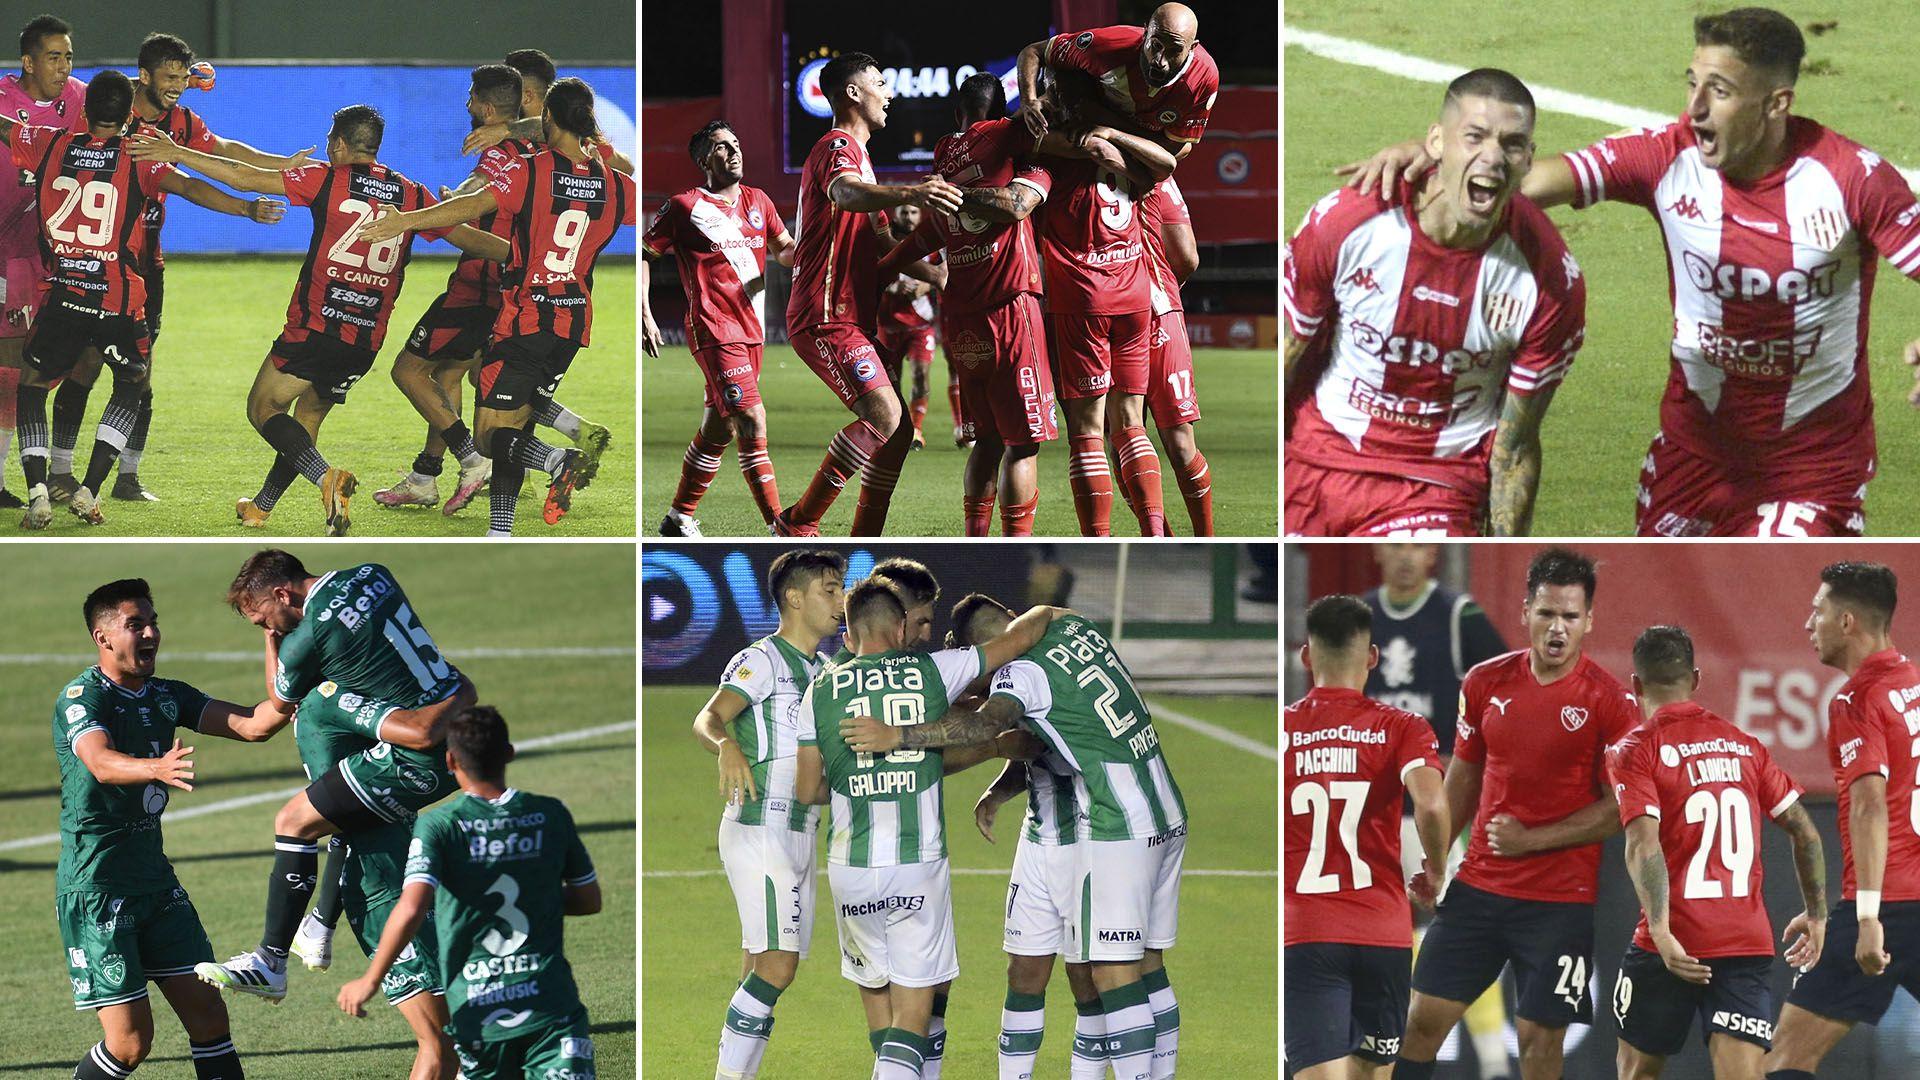 Patronato-Sarmiento Argentinos-Banfield Union-Independiente previa